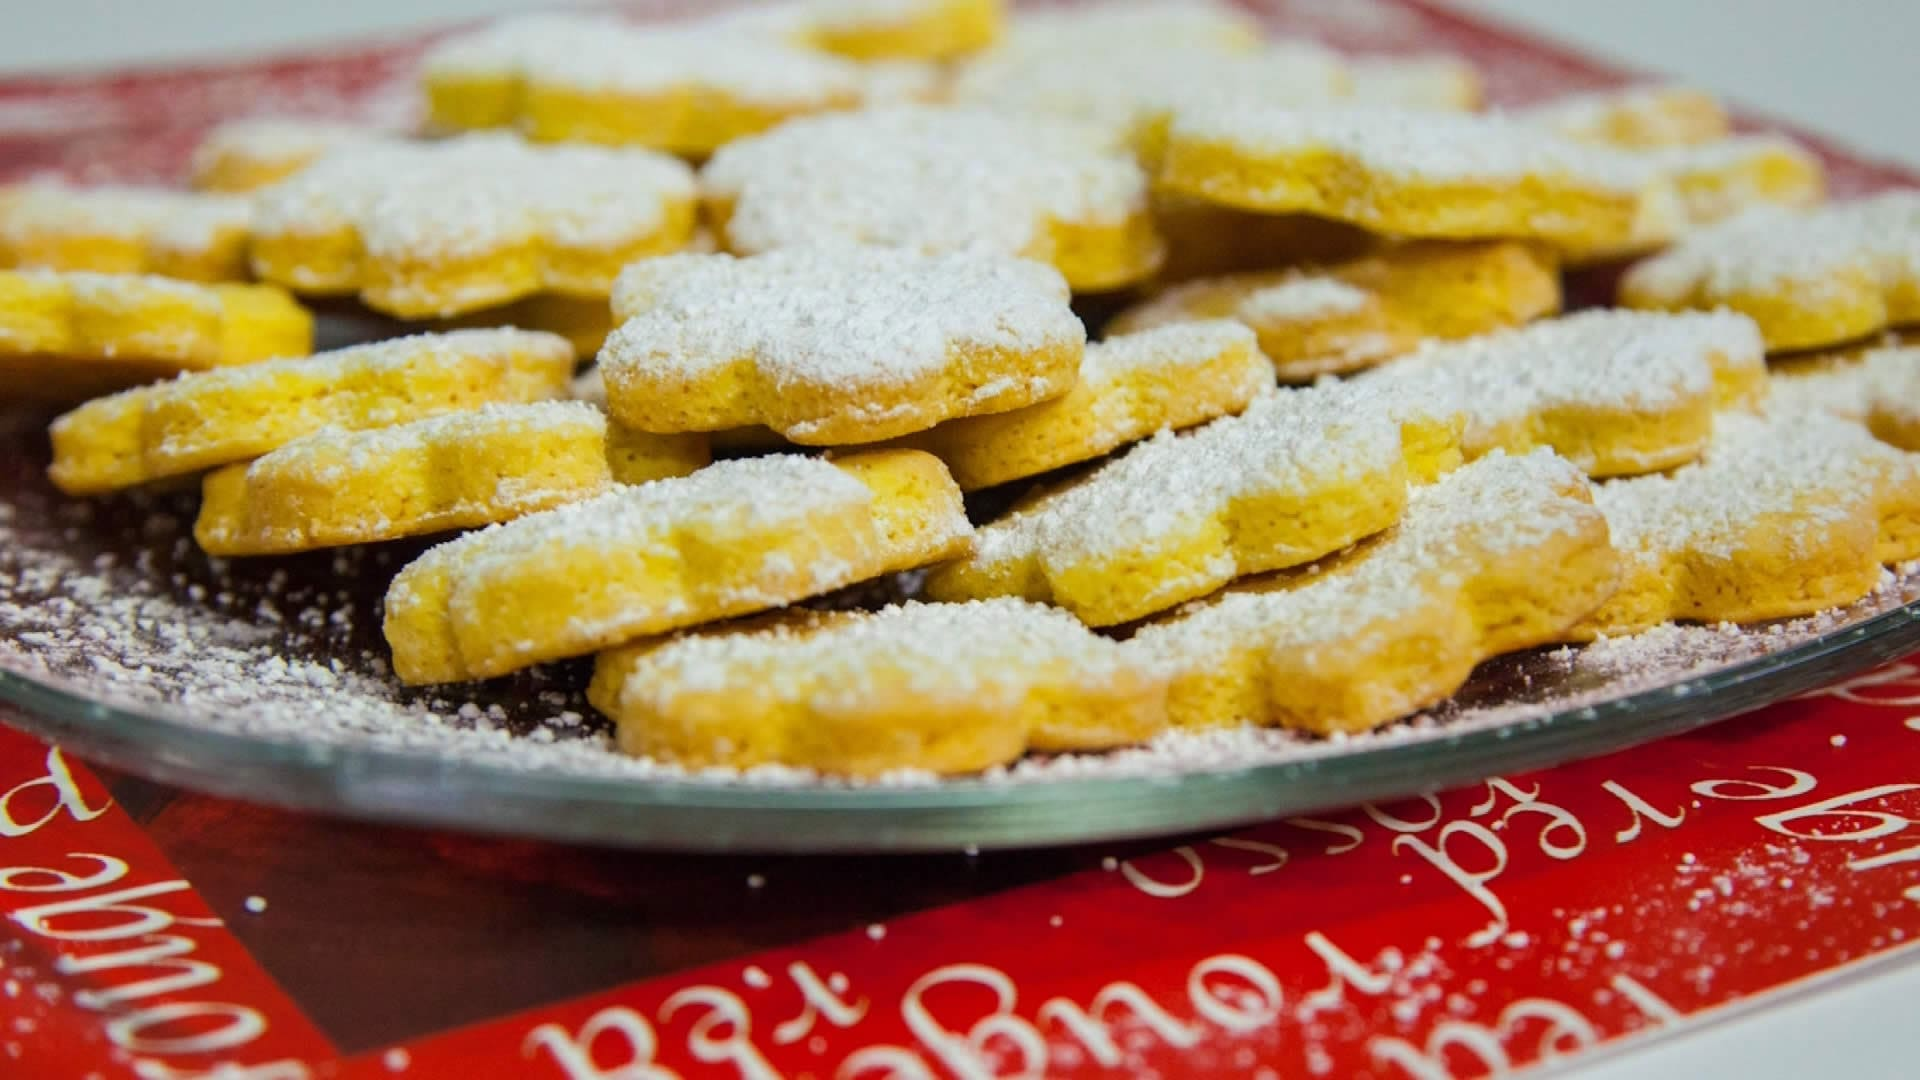 come fare i biscotti in casa semplici